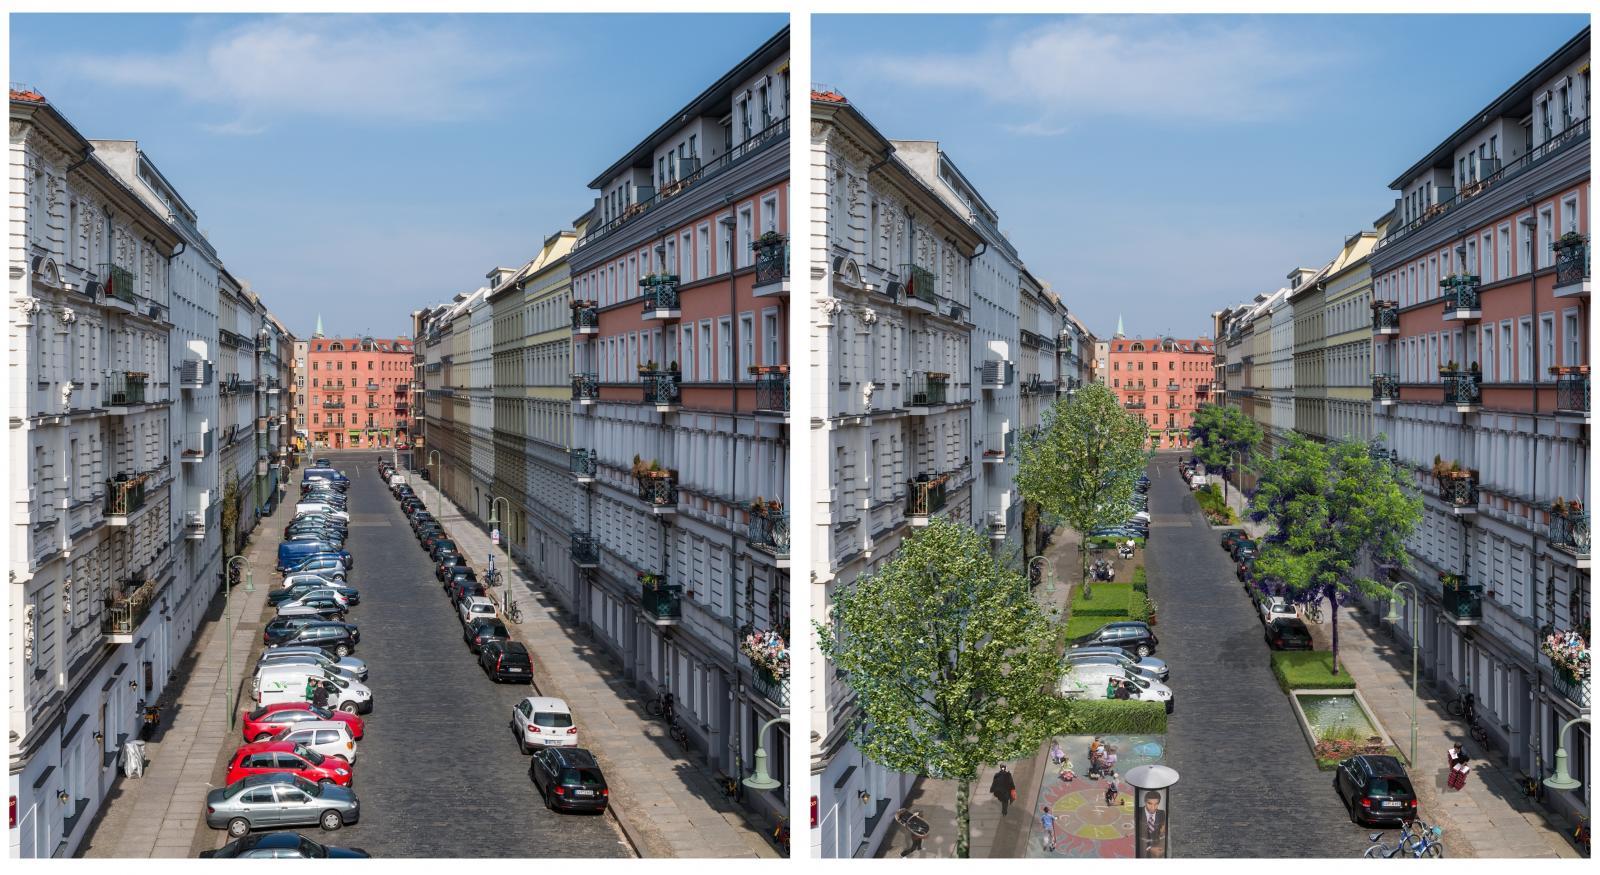 Der Effekt des CarSharing: Mehr Aufenthaltsqualität in Straßen und Wohnquartieren (Bild: bcs)